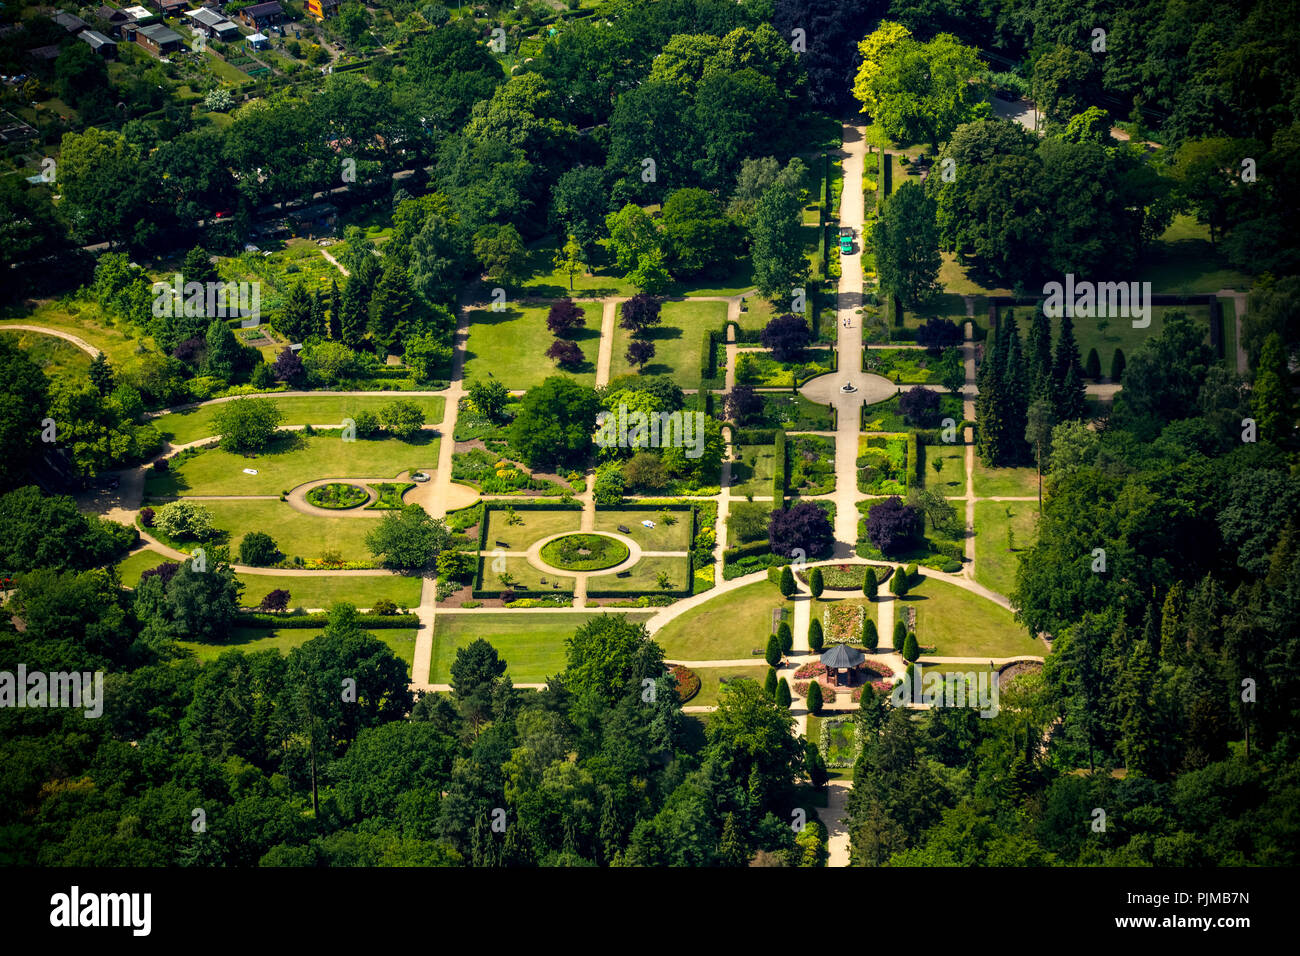 Volkspark Hamburg, Volkspark Altona, Hamburg, Free and Hanseatic City of Hamburg, Hamburg, Germany - Stock Image